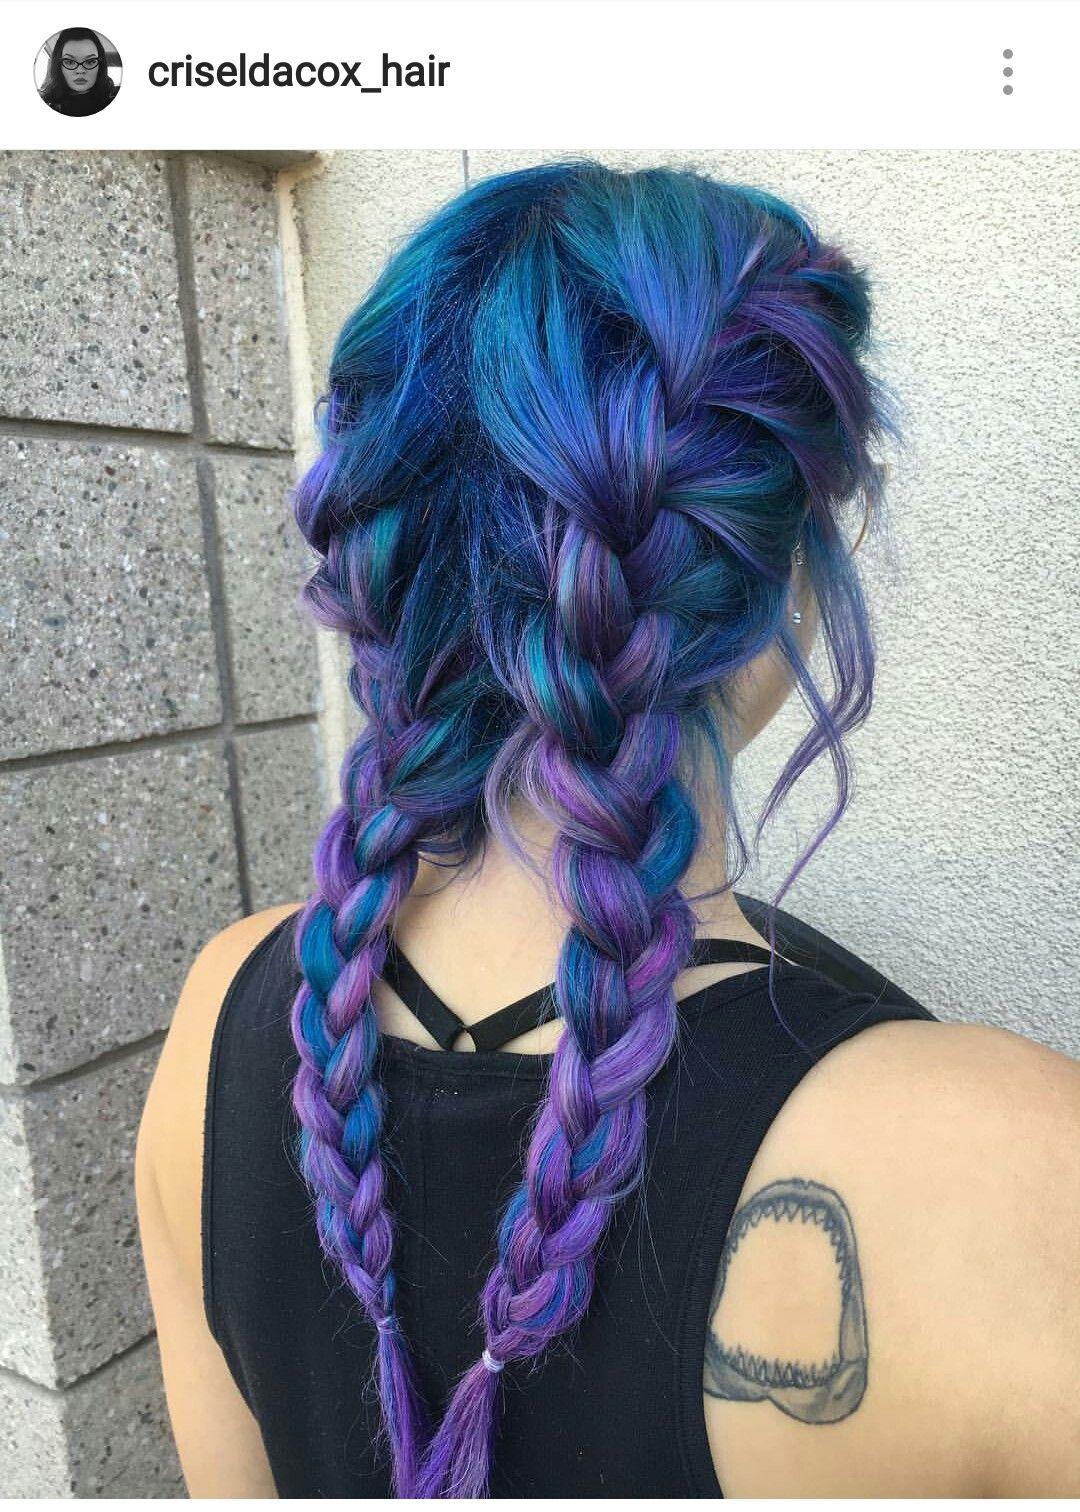 stonexoxstone youtubeigpintumblr dyed hair pinterest hair goals pmusecretfo Gallery